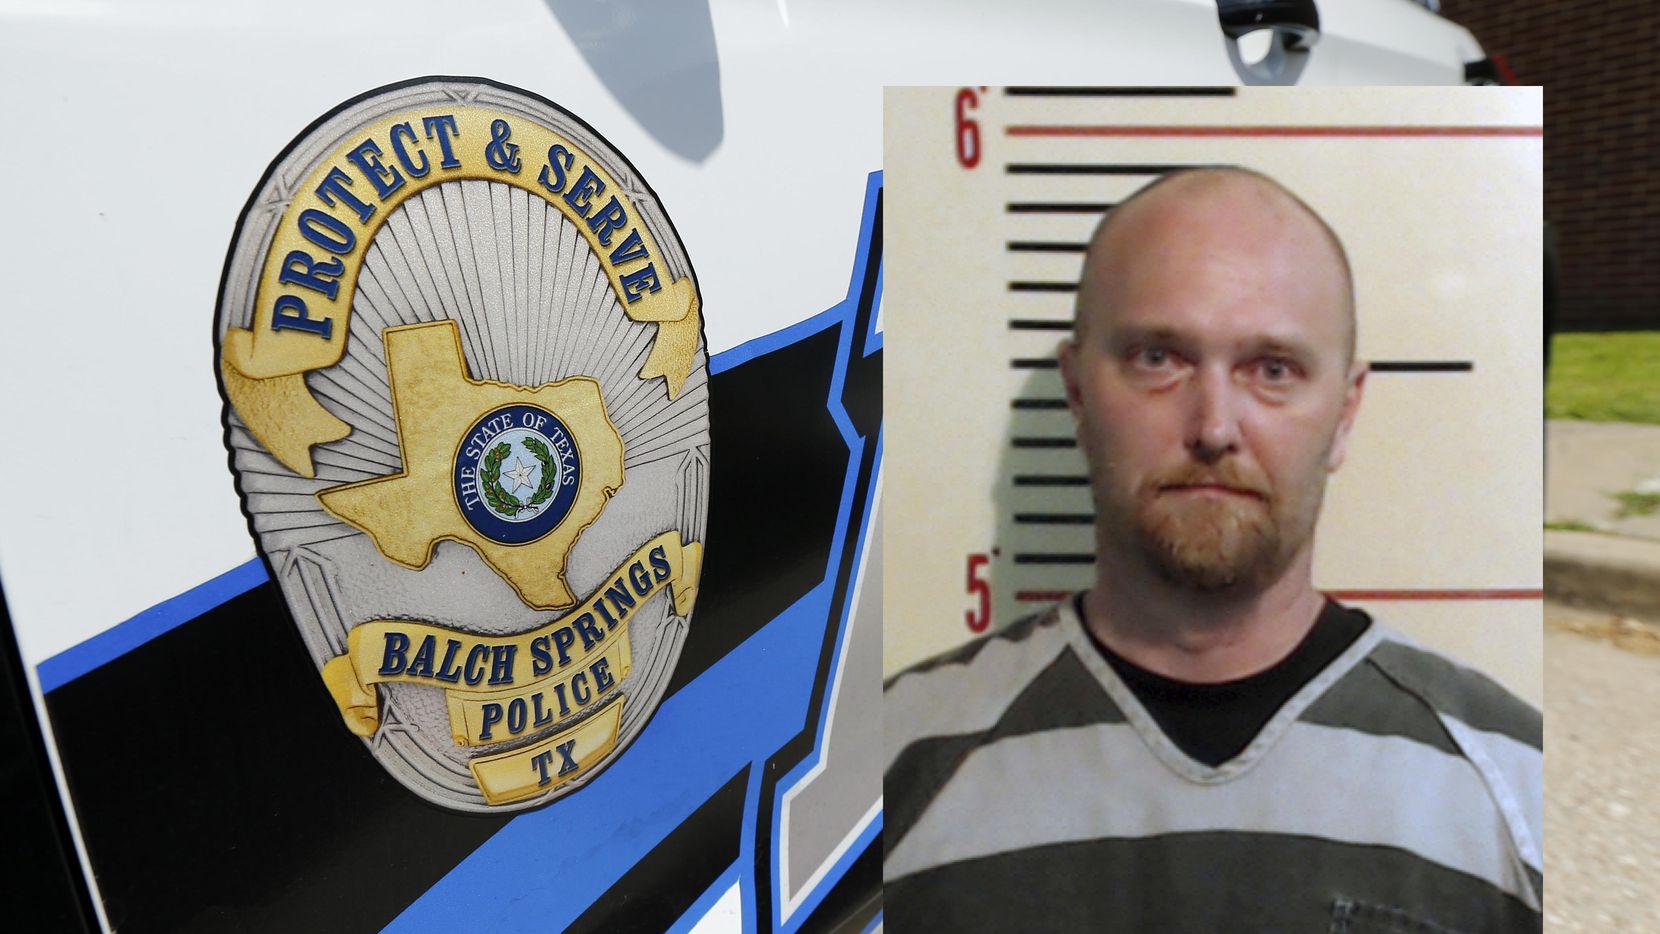 El ex agente de la policía de Balch Springs Roy Oliver. DMN (DMN/Tom Fox)